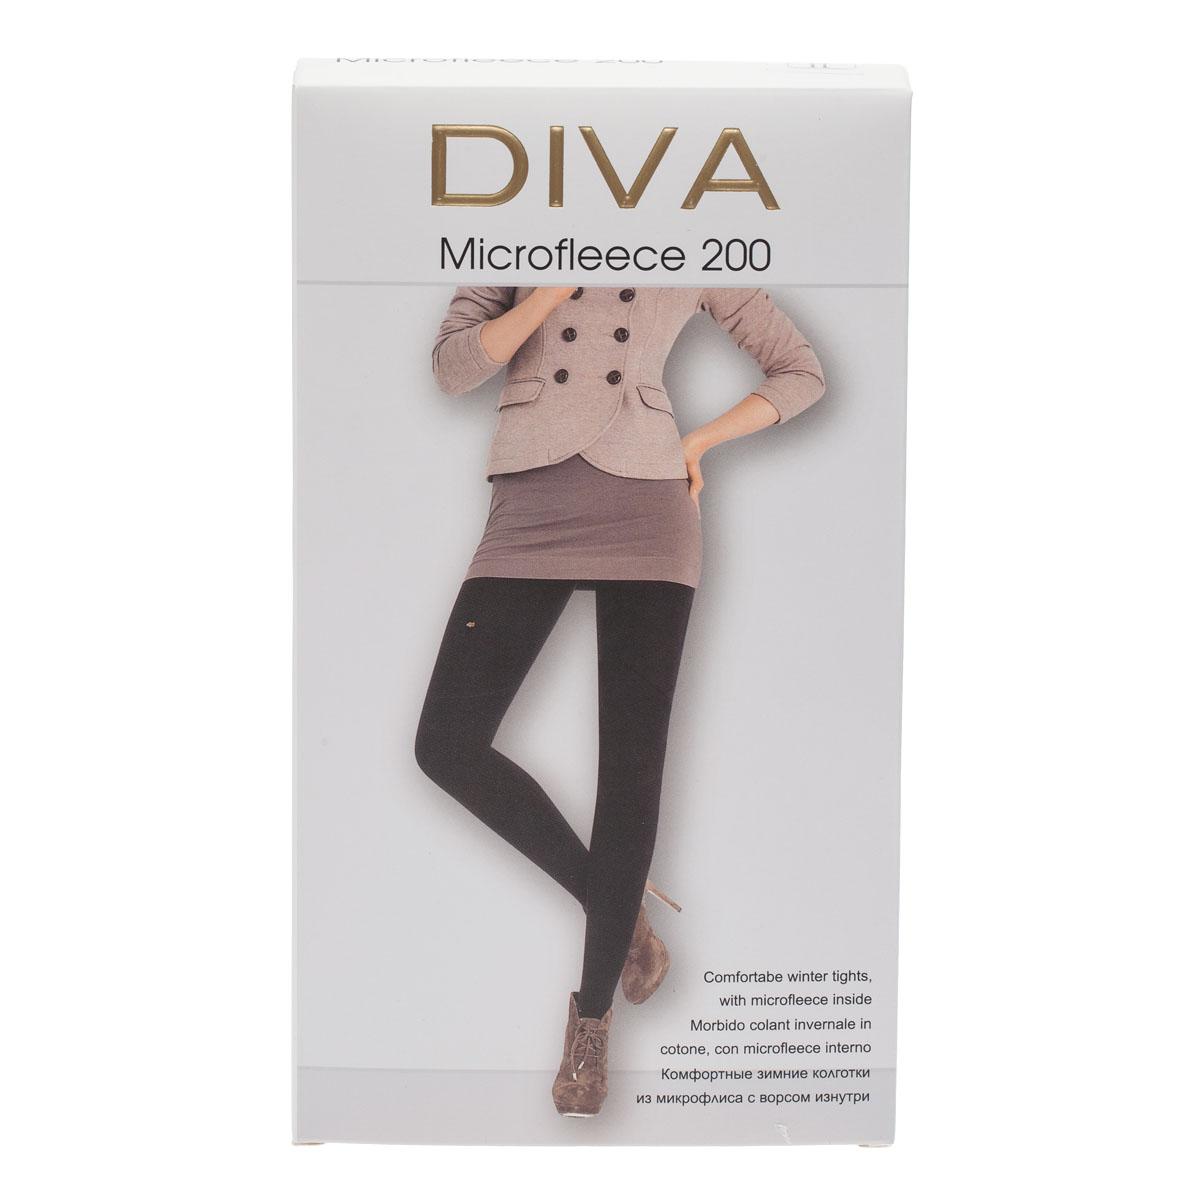 Колготки DIVA Microfleece 200, 4 видеорегистратор slimtec g5